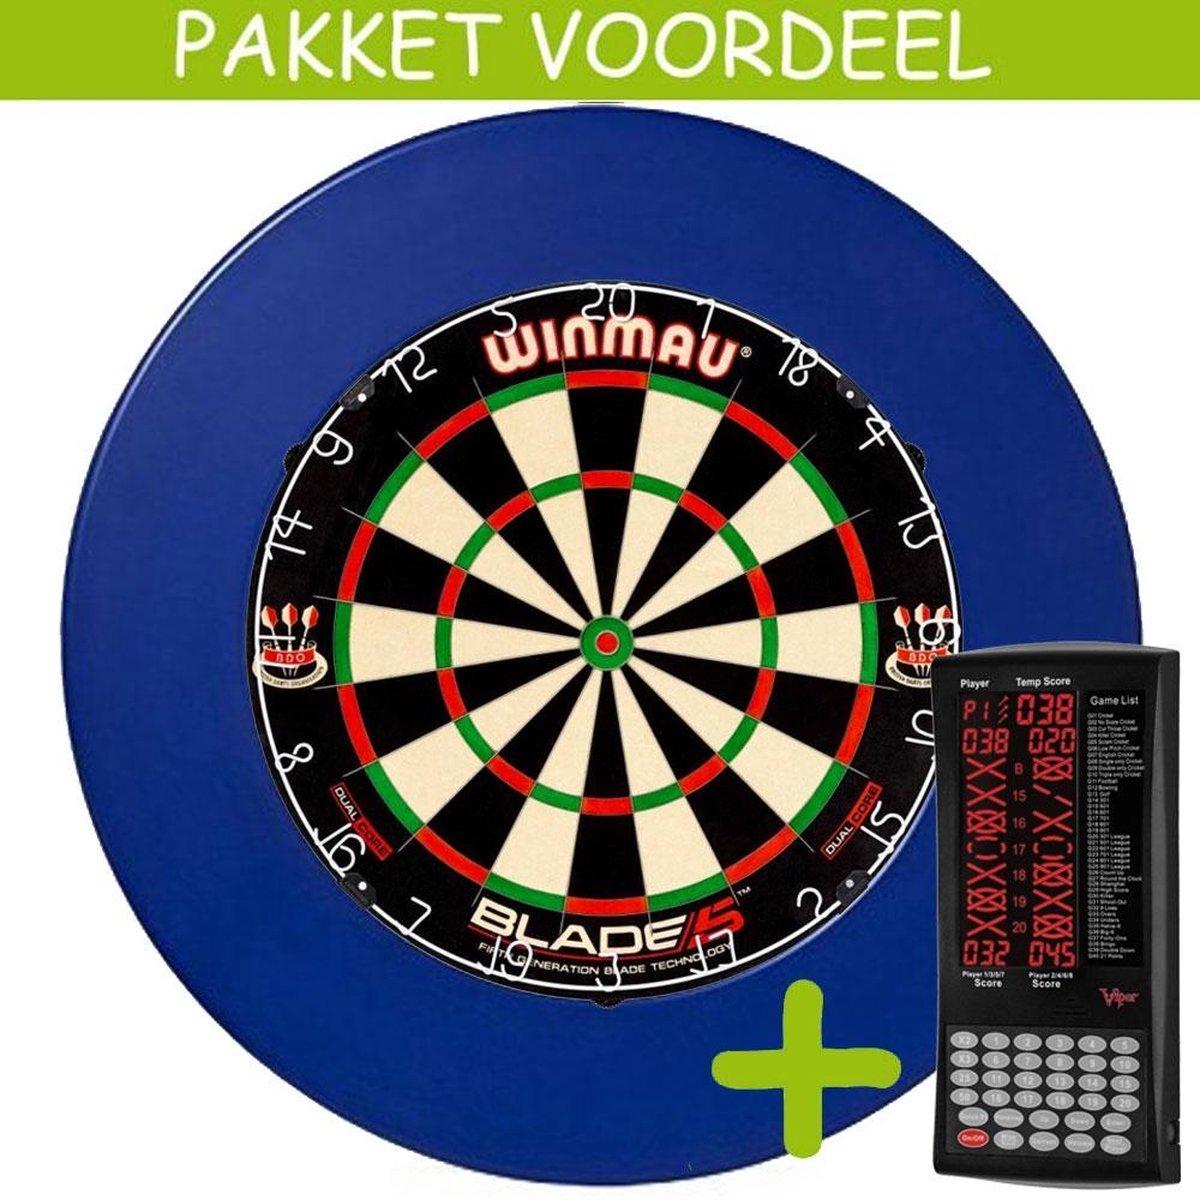 Elektronisch Dart Scorebord VoordeelPakket (Viper ) - Dual Core - Rubberen Surround (Blauw)